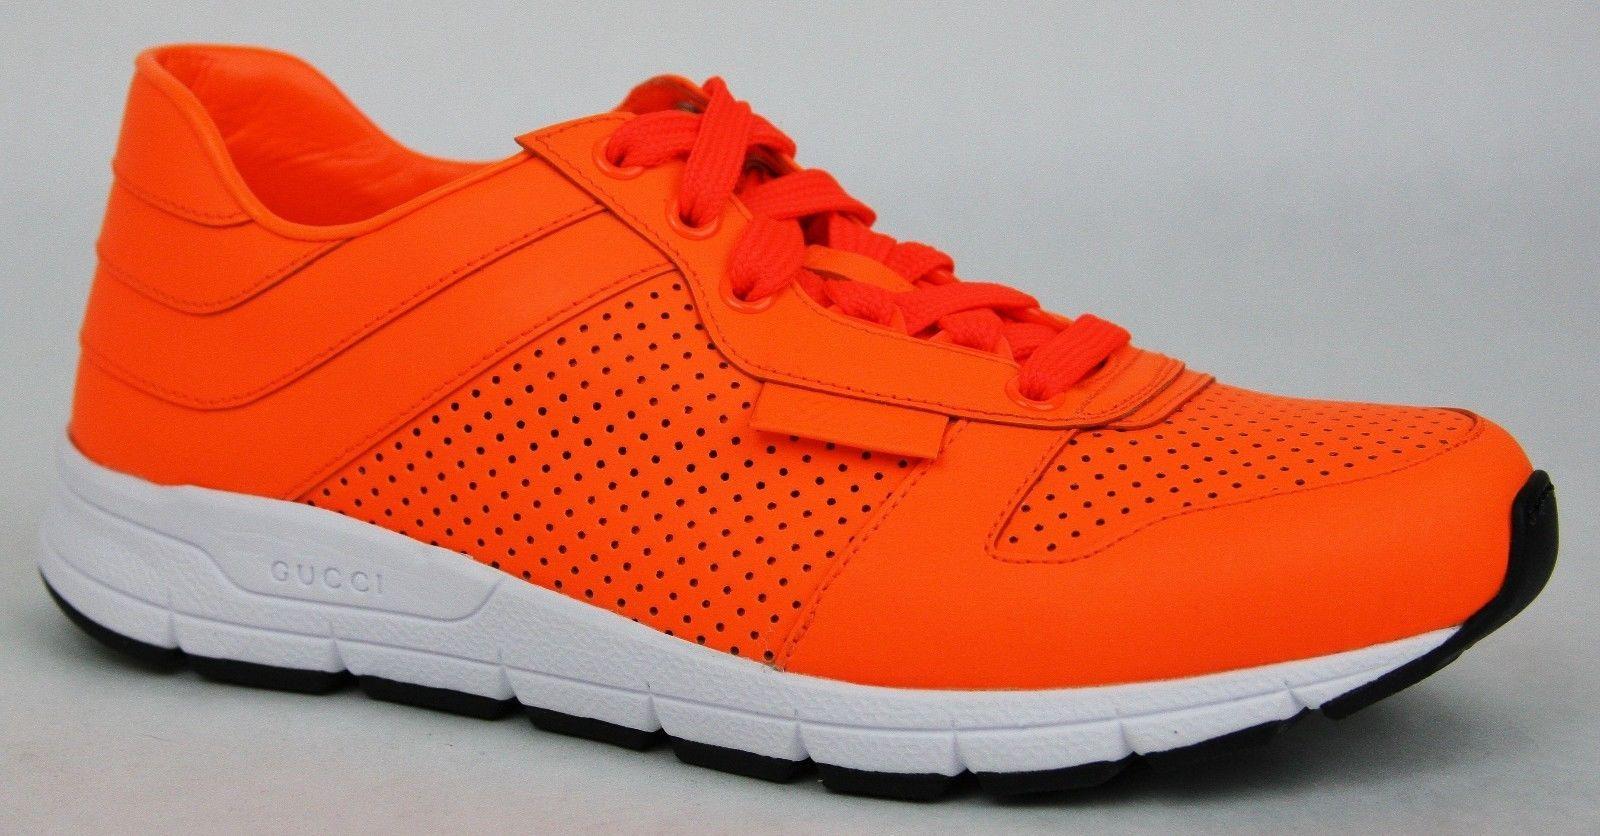 New Gucci Women's Neon Orange Leather